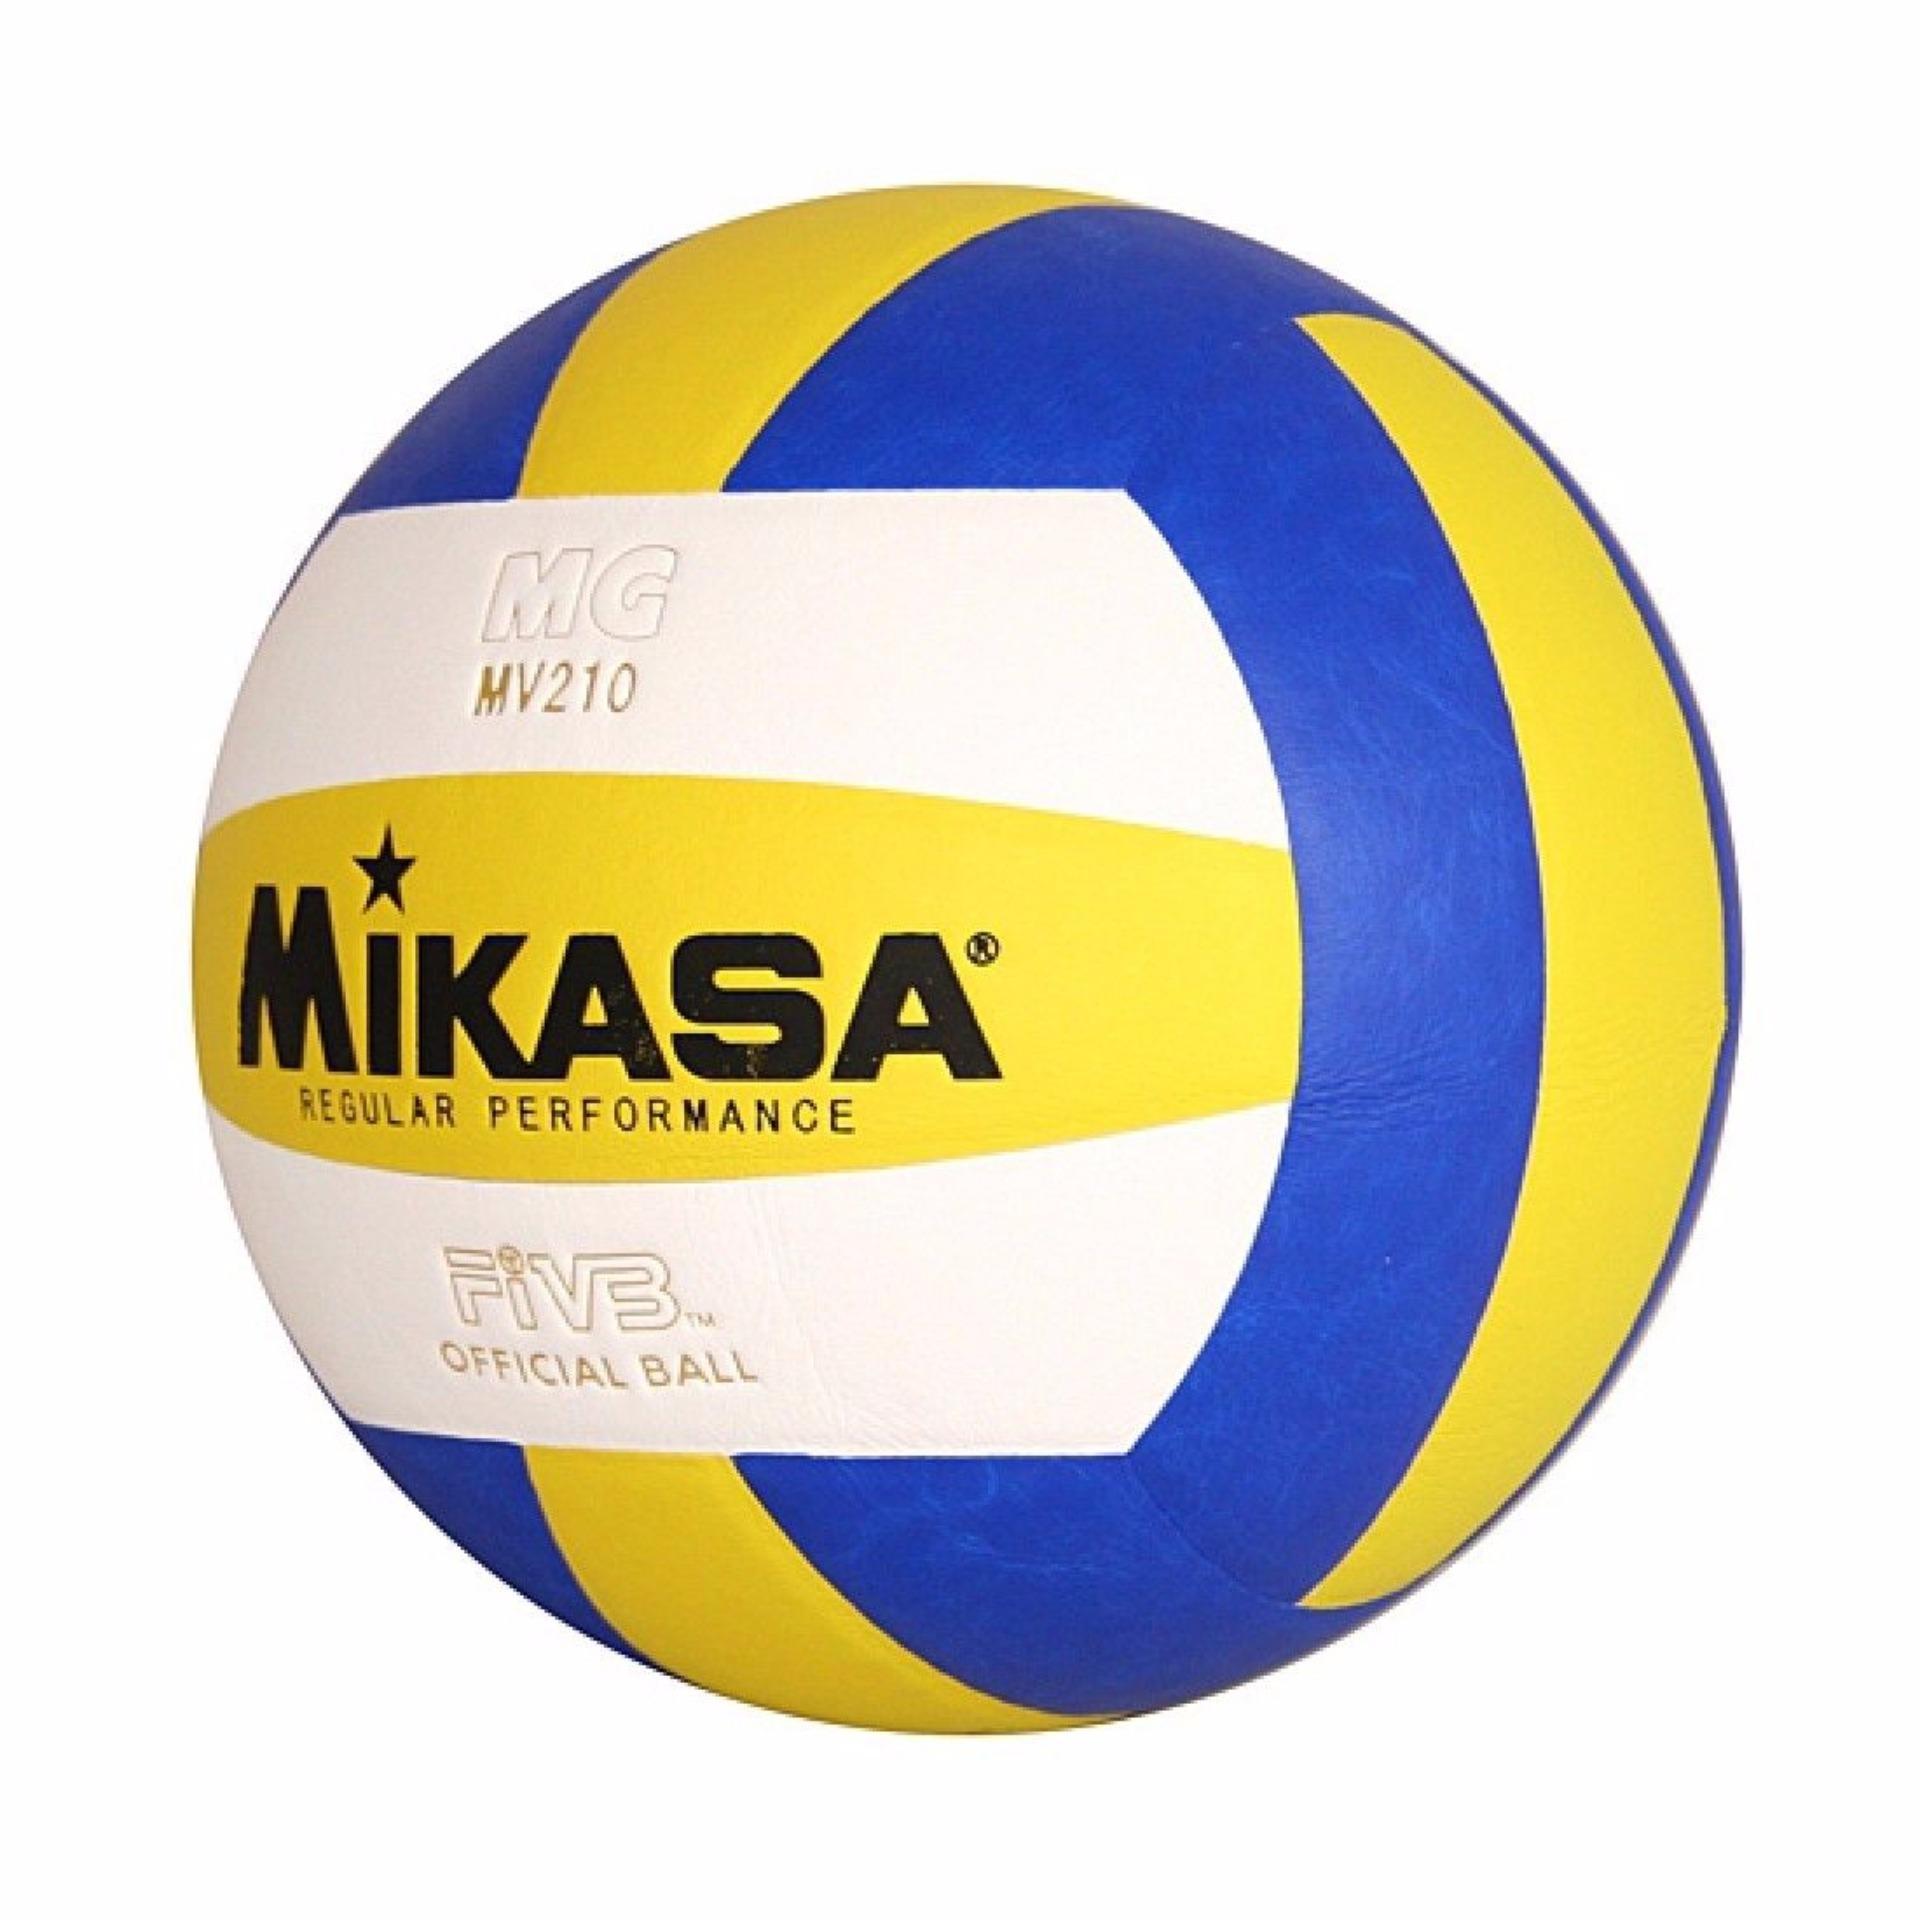 Diskon Penjualan Mikasa Bola Voli Mg Mv210 Cari Bandingkan Net Volley